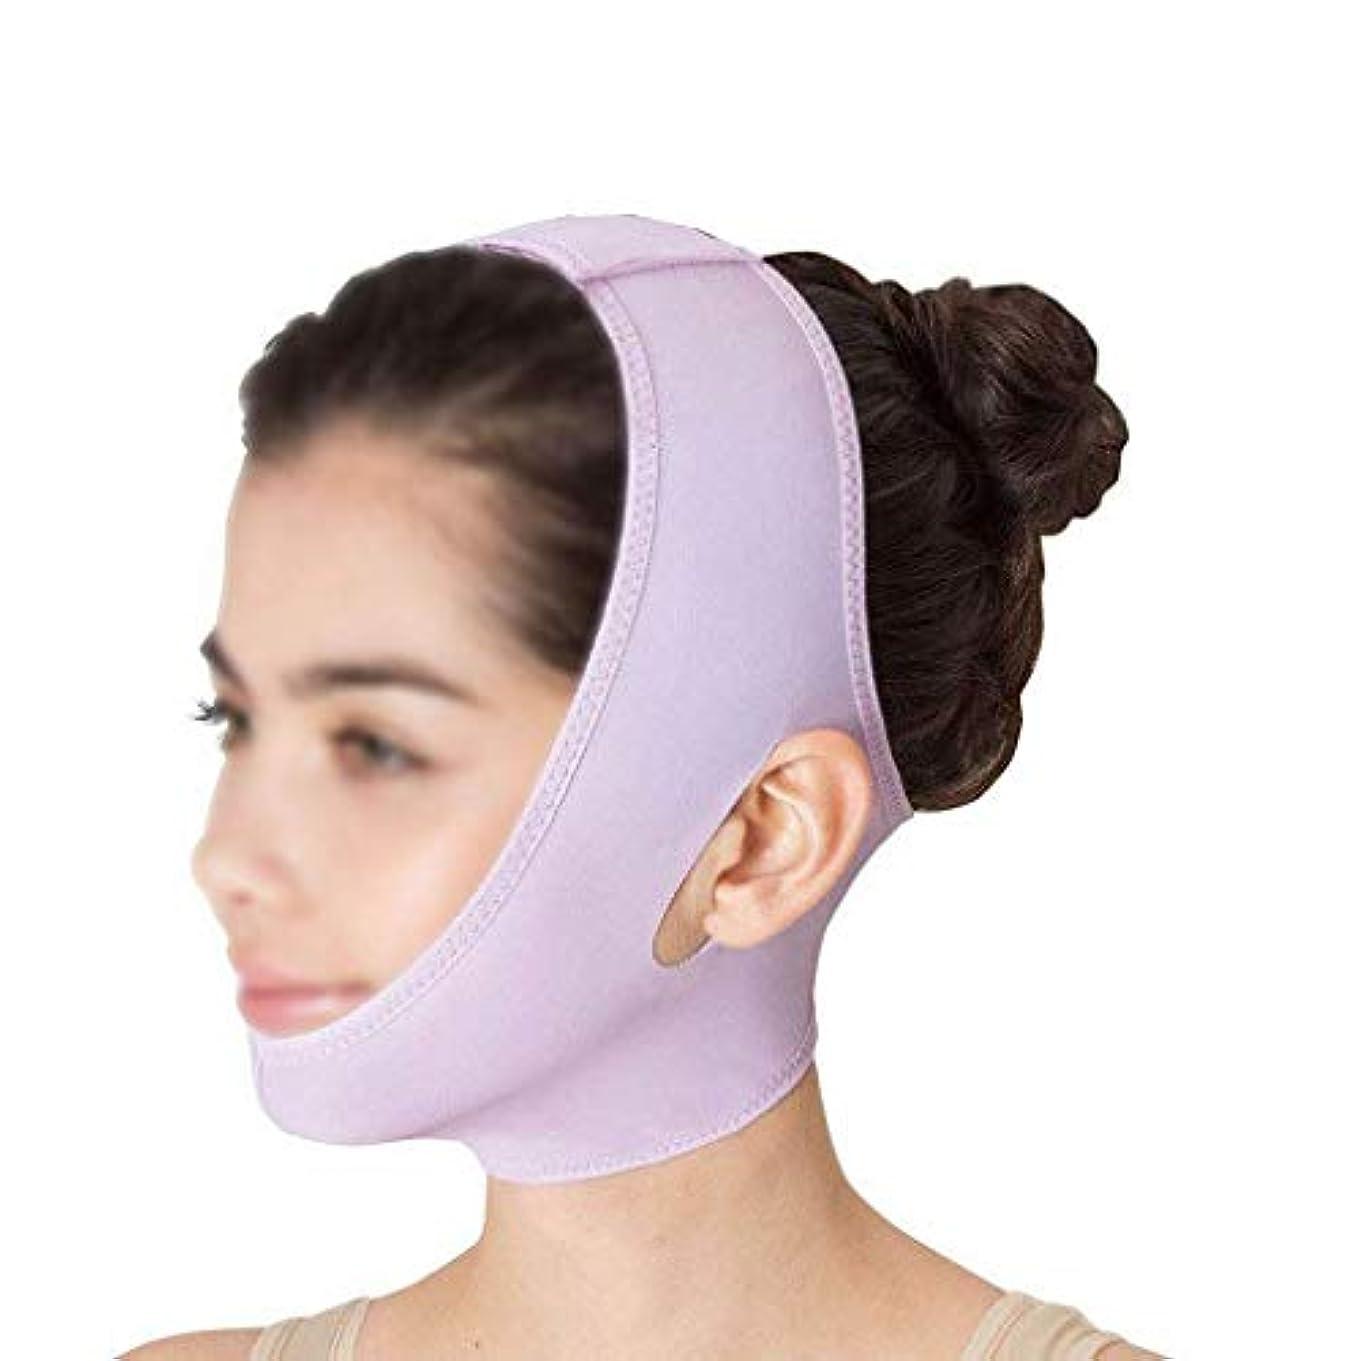 列挙する養う予測薄いフェイスマスク ビームフェイス、薄いダブルチンでスリーピングマスクの下の頬を防ぎ、小さなVフェイスを作成